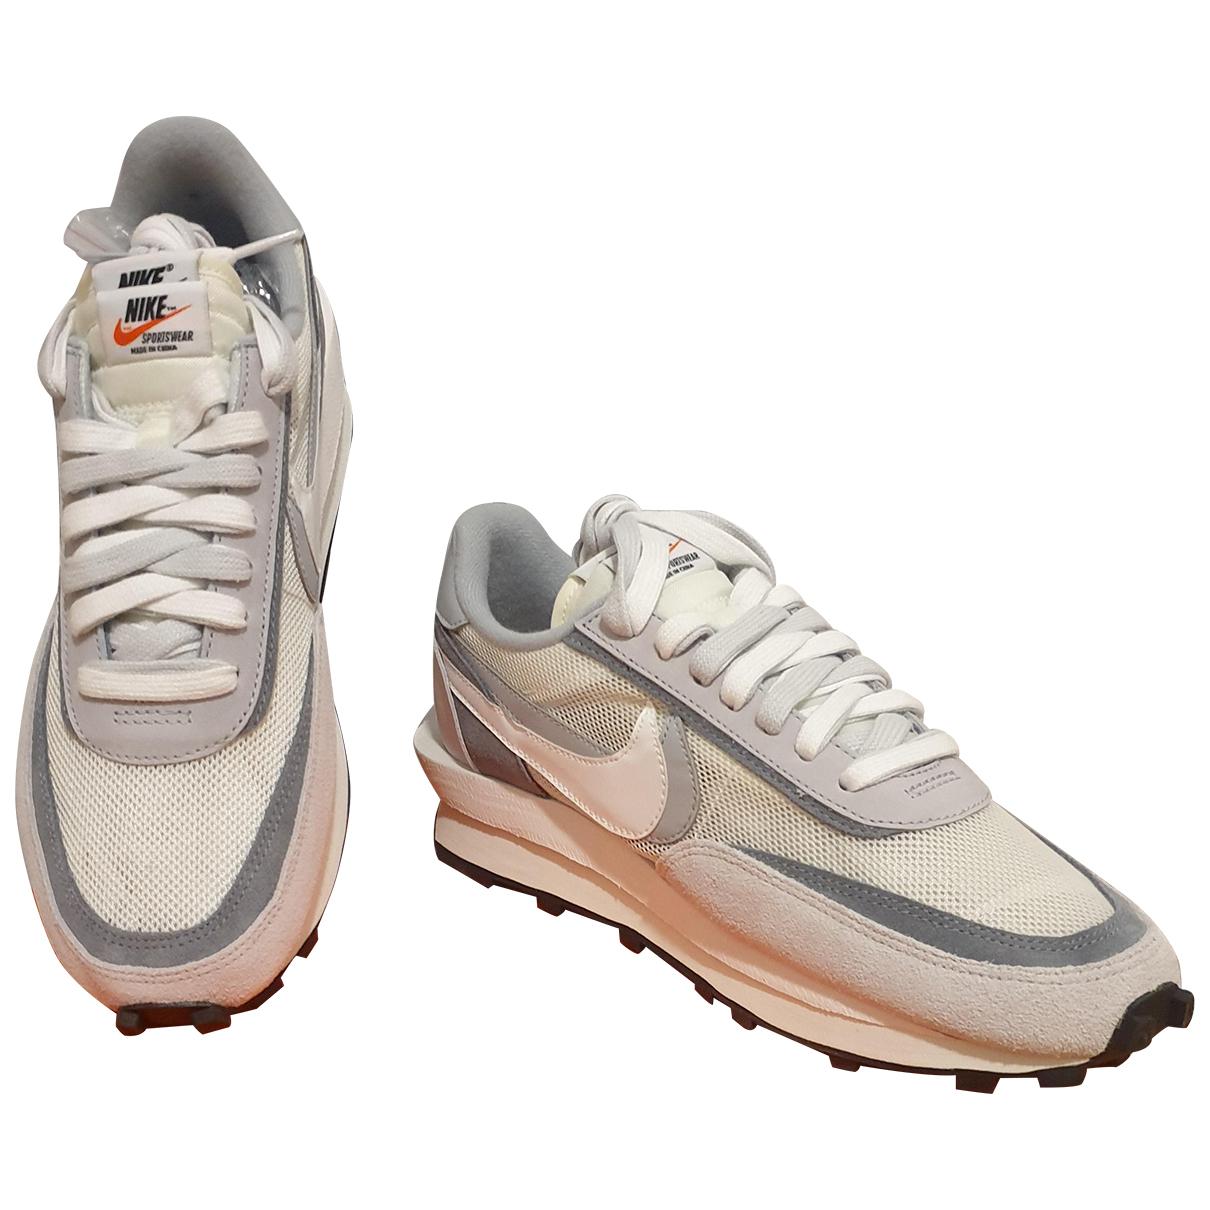 Nike X Sacai LDV Waffle Sneakers in  Weiss Leinen